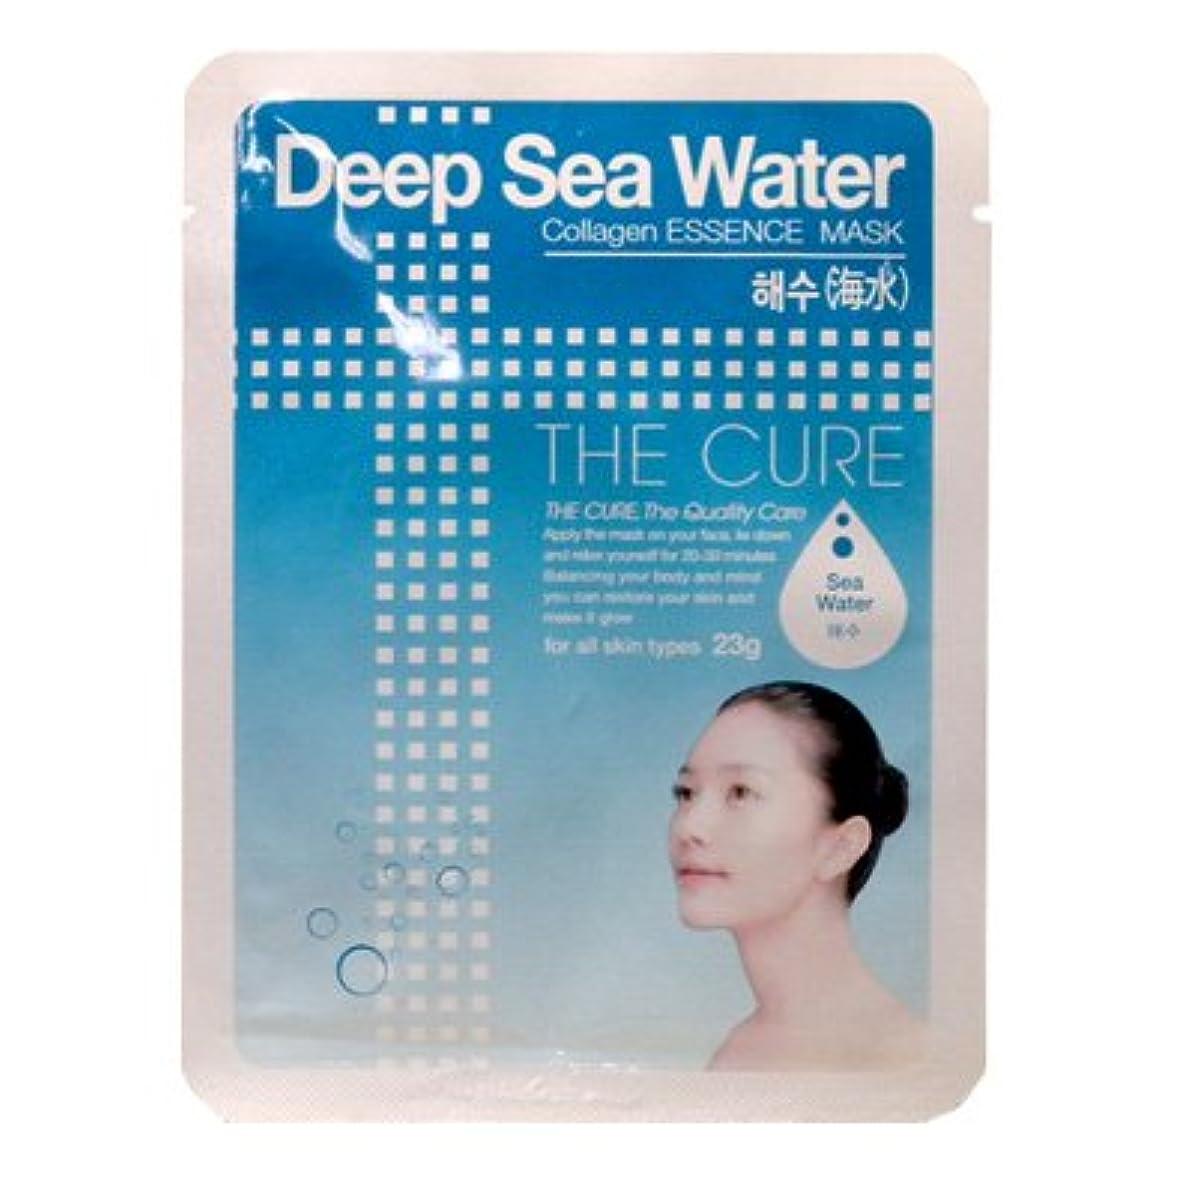 CURE マスク シートパック 海水